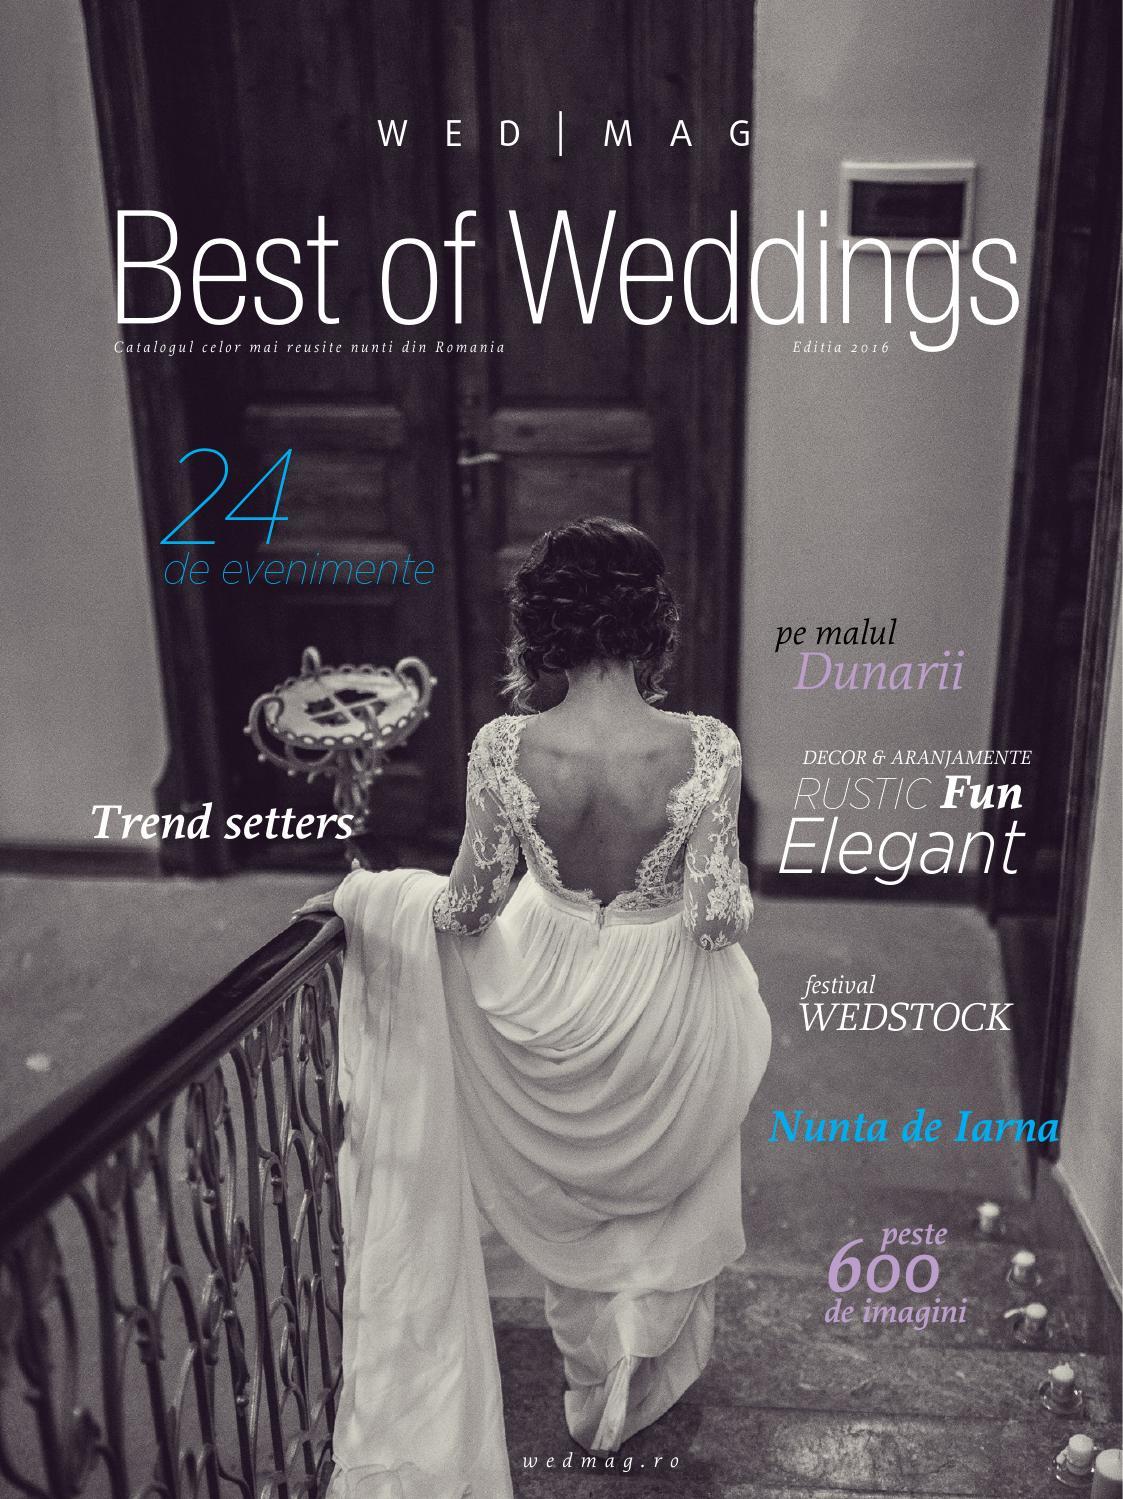 Best Of Weddings 2016 By Wedmag Romania Issuu